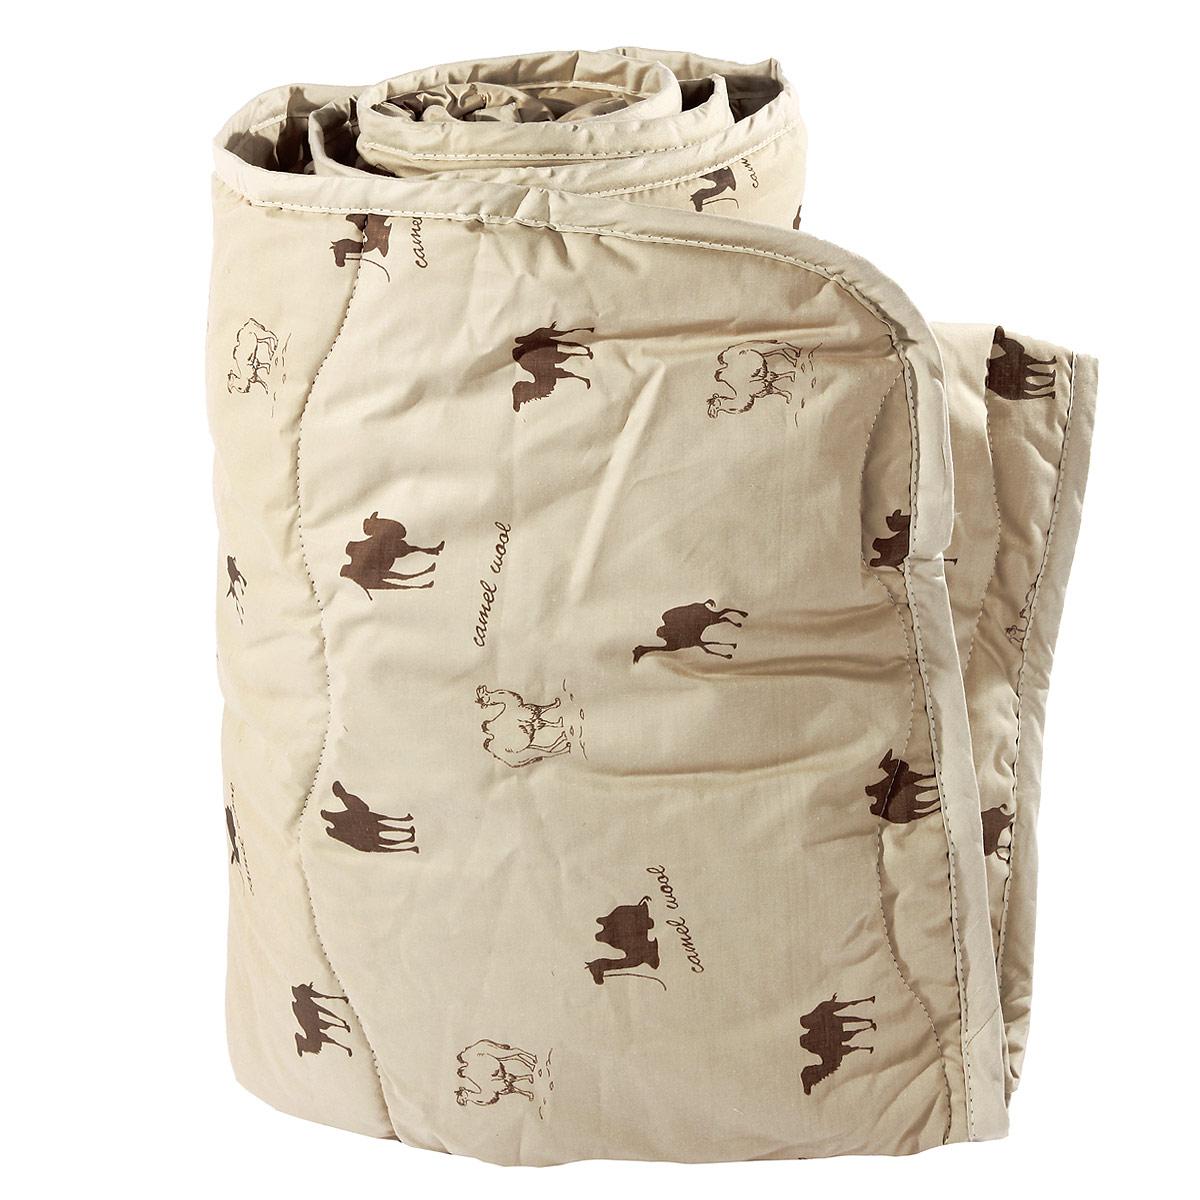 """Одеяло """"Verossa"""" представляет собой стеганый чехол из натурального хлопка с наполнителем из верблюжьей шерсти.  Наполнитель обладает высокой гигроскопичностью, создавая эффект """"сухого тепла"""". Волокна верблюжьей шерсти полые внутри, образуют пласт, содержащий множество воздушных кармашков, которые равномерно сохраняют и распределяют тепло, обеспечивая естественную терморегуляцию в жару и холод.  Верблюжья шерсть обладает рядом уникальных лечебных свойств, благодаря которым расширяются сосуды, усиливается микроциркуляция крови. Шерсть снимает статическое напряжение, благоприятно воздействует на опорно-двигательный аппарат.  Одеяло, выстеганное оригинальным узором """"Барханы"""", украсит ваш дом и подарит наслаждение от отдыха.    Одеяло упаковано в прозрачный пластиковый чехол на змейке с ручкой, что является чрезвычайно удобным при переноске. Характеристики:  Материал чехла: перкаль (100% хлопок). Наполнитель: верблюжья шерсть. Масса наполнителя: 300 г/м2. Размер одеяла: 140 см х 205 см. Размер упаковки:  60 см x 15 см x 45 см. Артикул: 170268."""